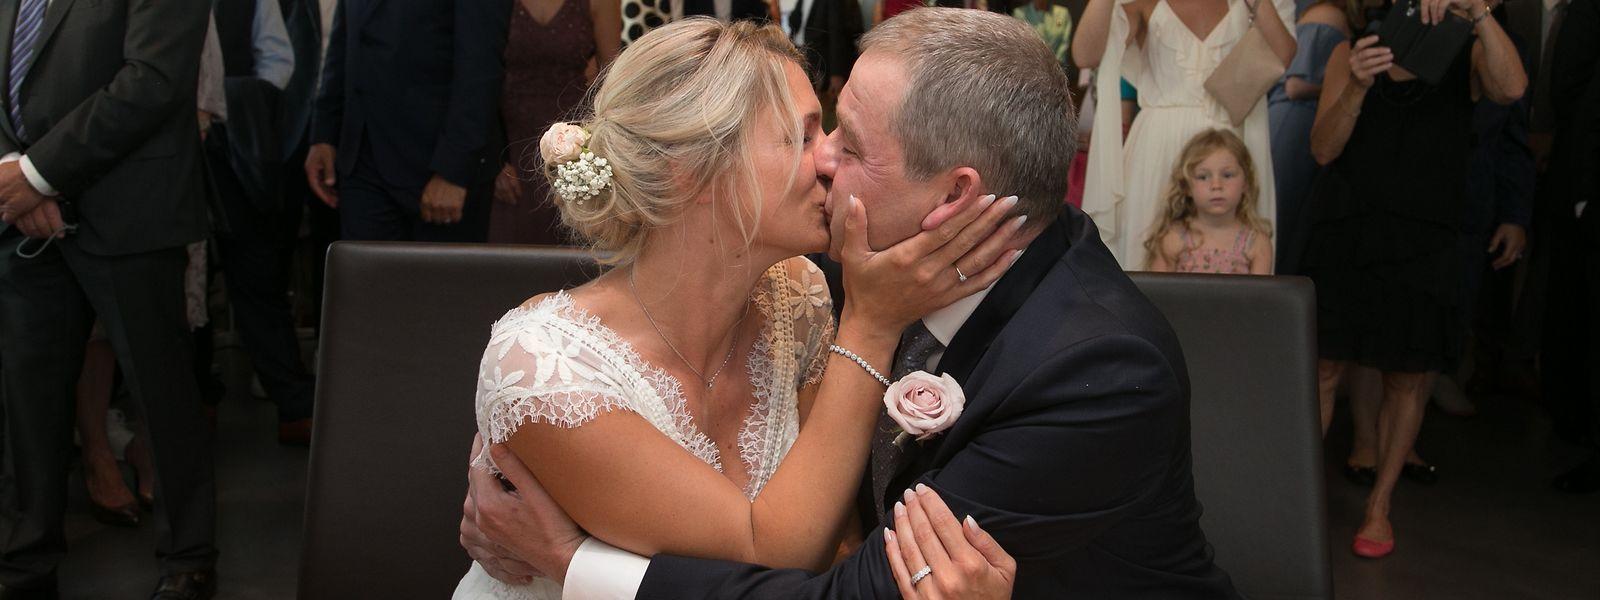 Die Hochzeit von Nadine Braconnier und CSV-Politiker Michel Wolter im Rathaus in Niederkerschen.